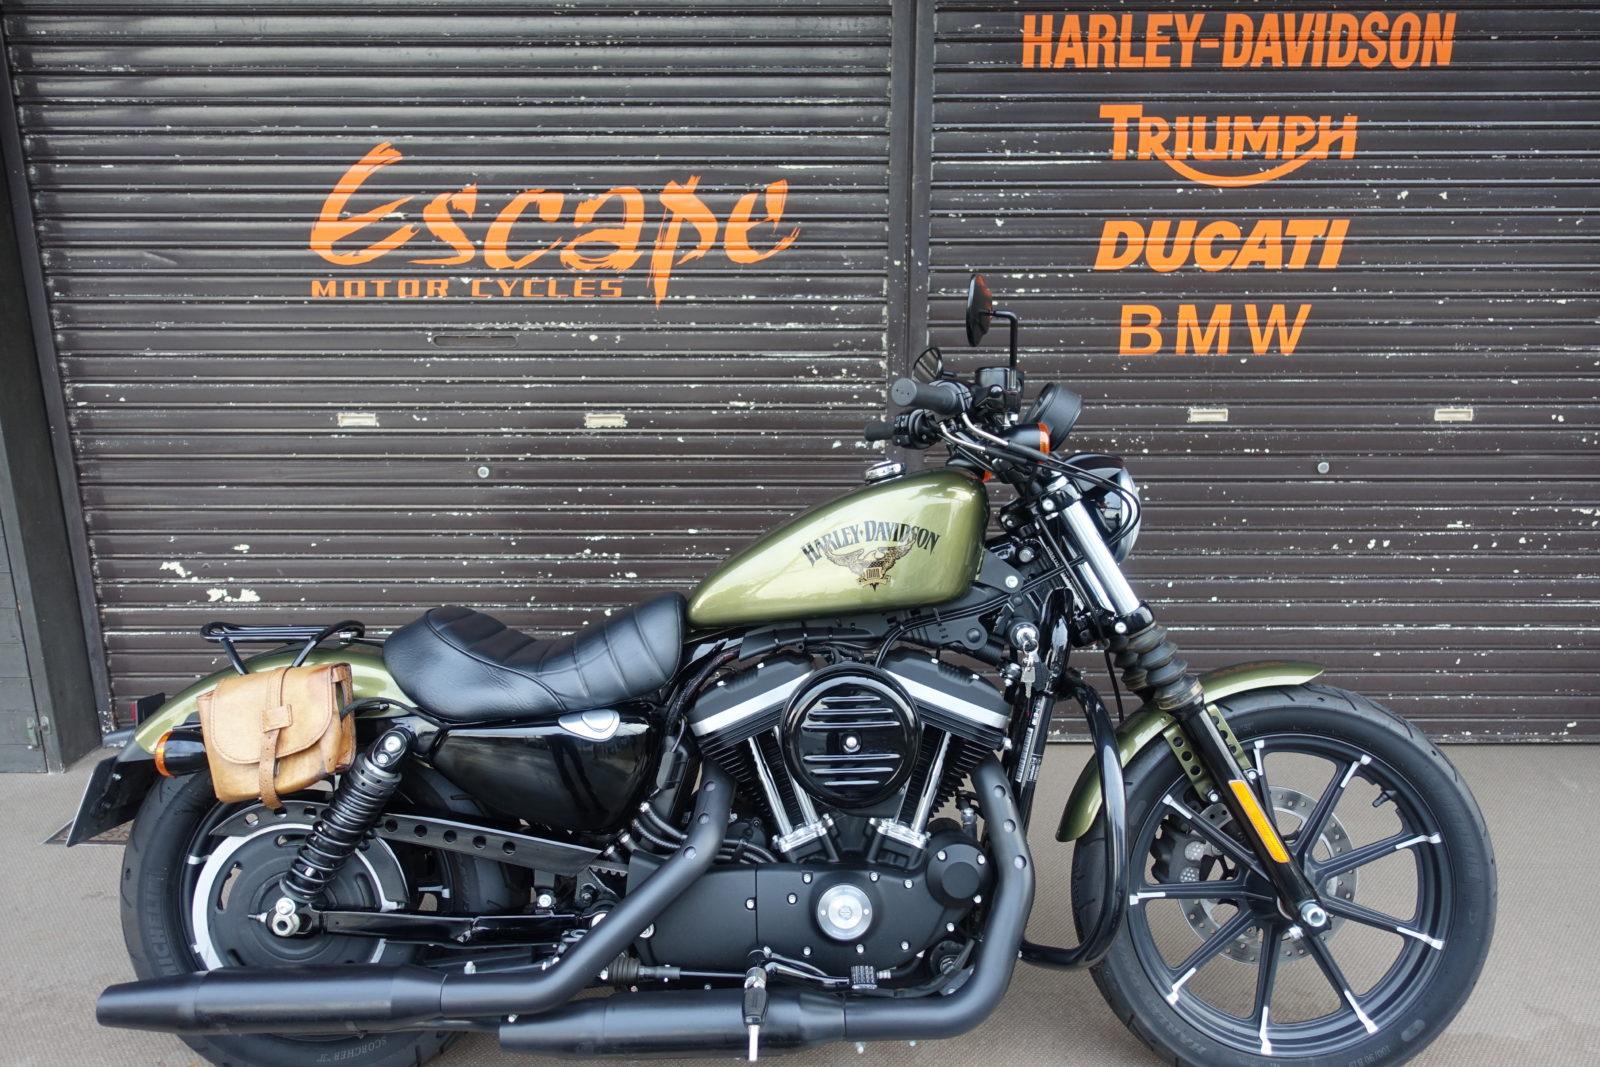 HARLEY-DAVIDSON XL883N アイアン オリーブゴールド